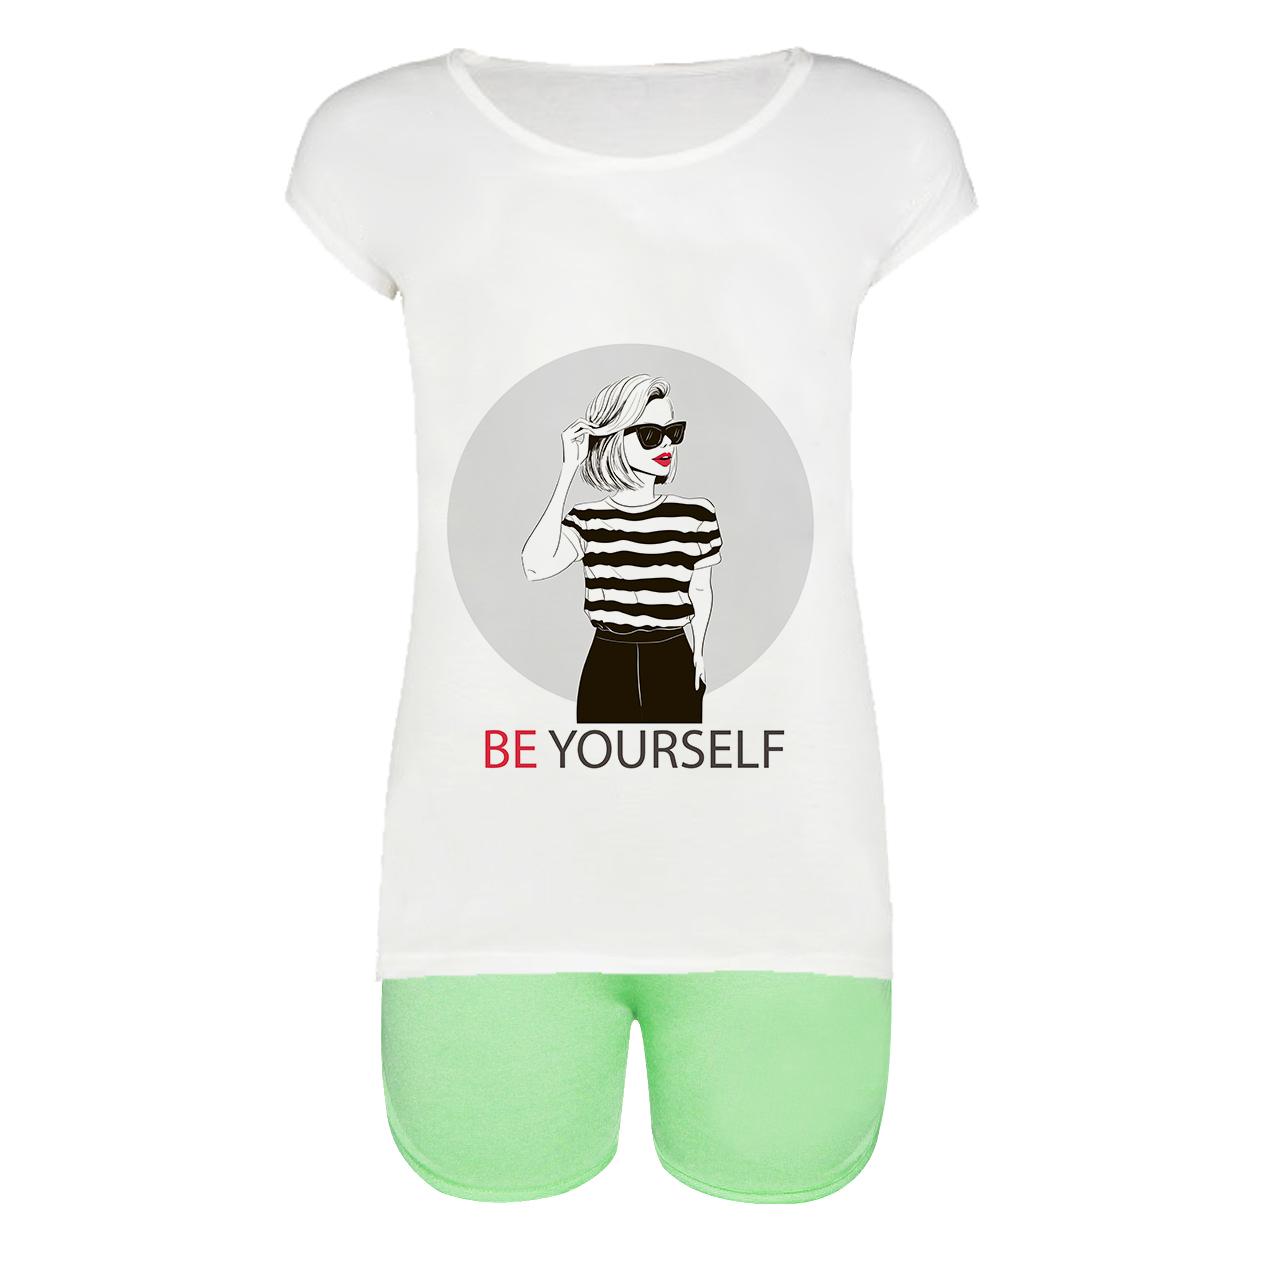 ست تیشرت و شلوارک زنانه طرح Be yourself کد 1000042 GR              👗